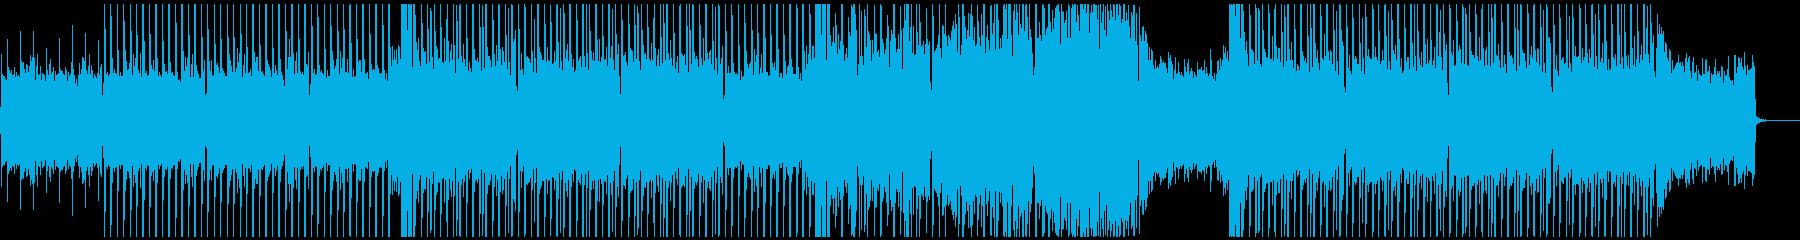 上がる!パワフルな和風デジタルロックの再生済みの波形